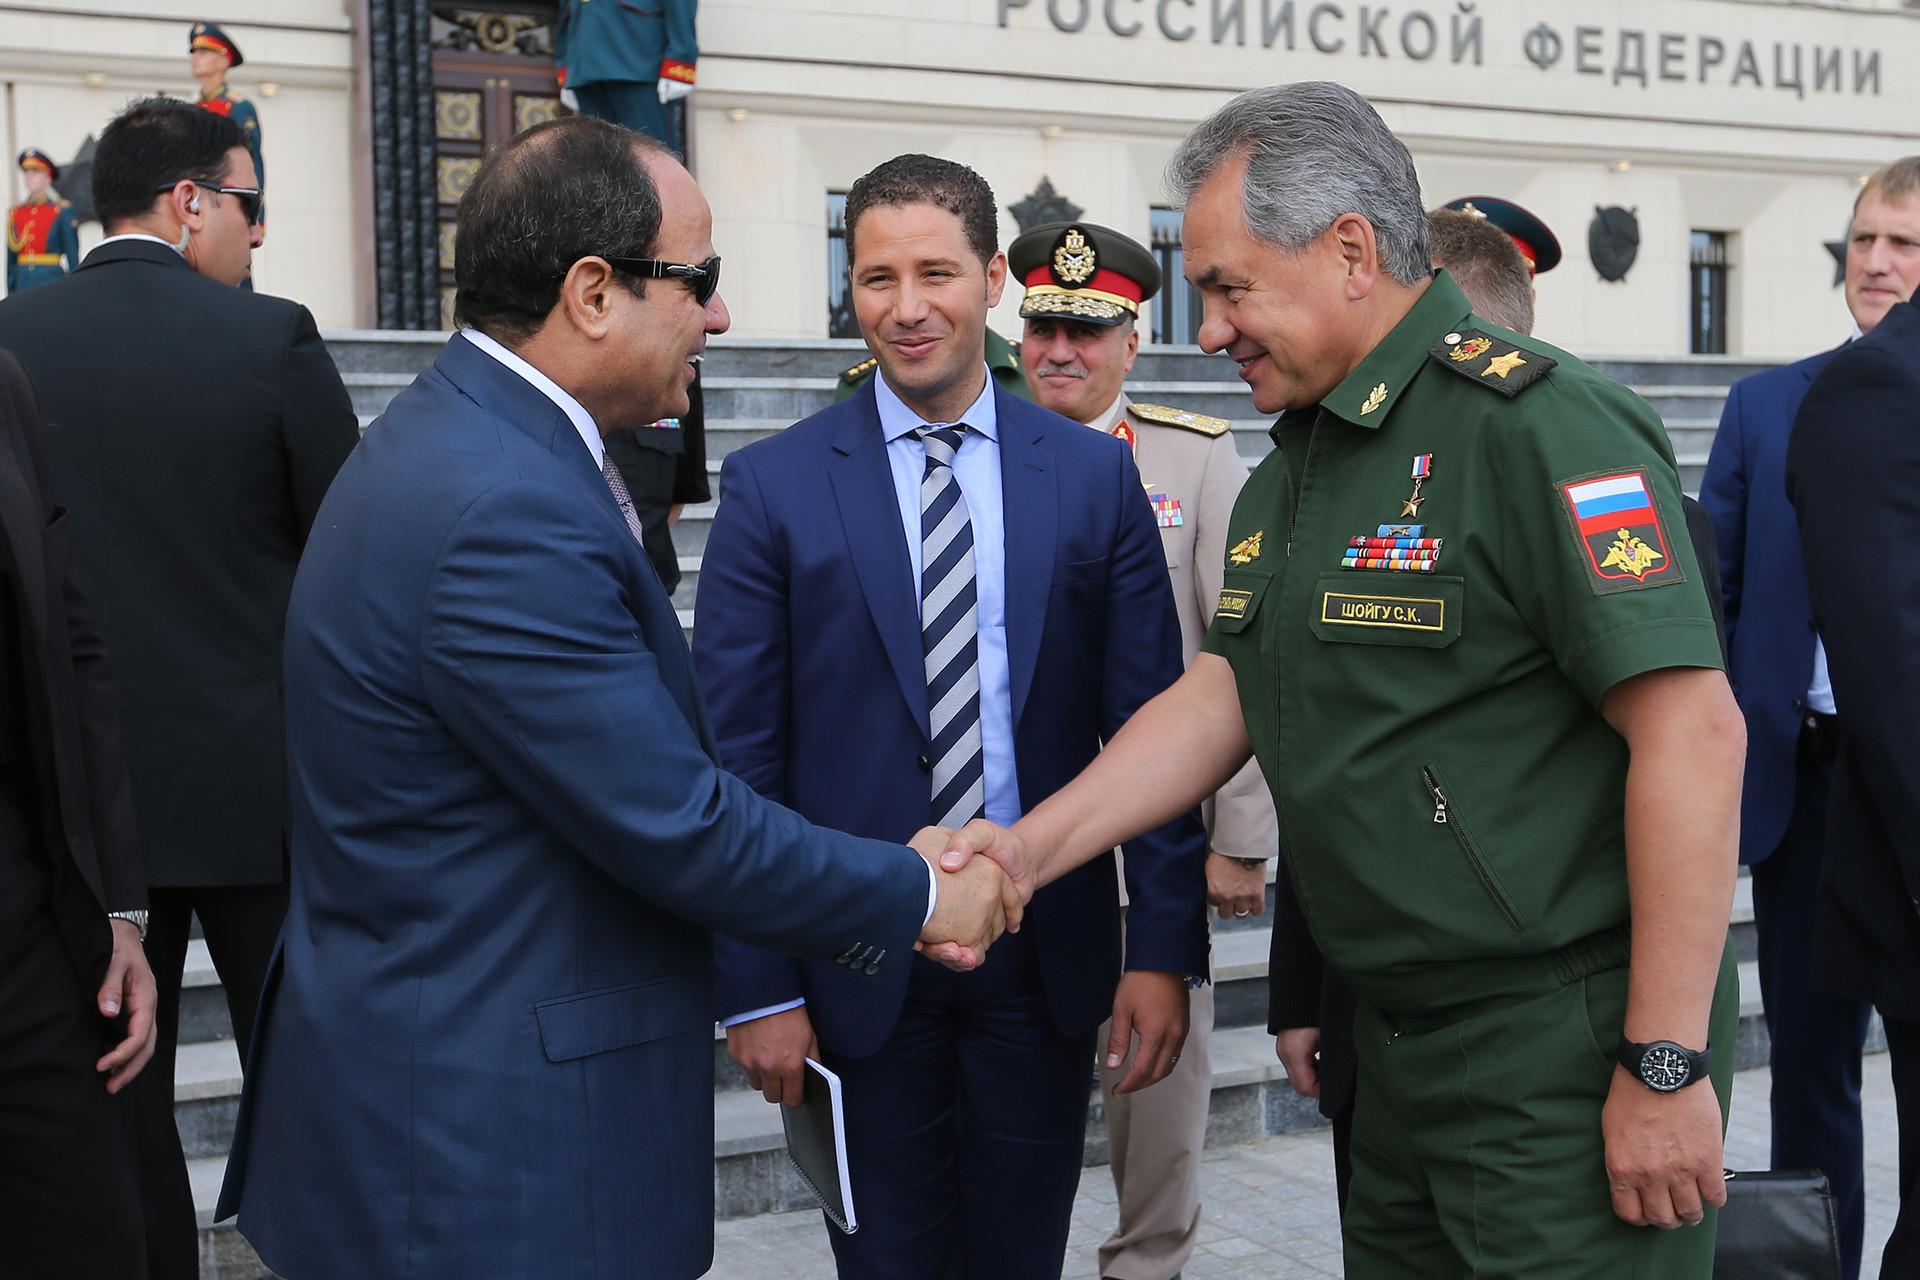 El líder egipcio visita el 'sanctasanctórum' de la Fuerzas Armadas de Rusia